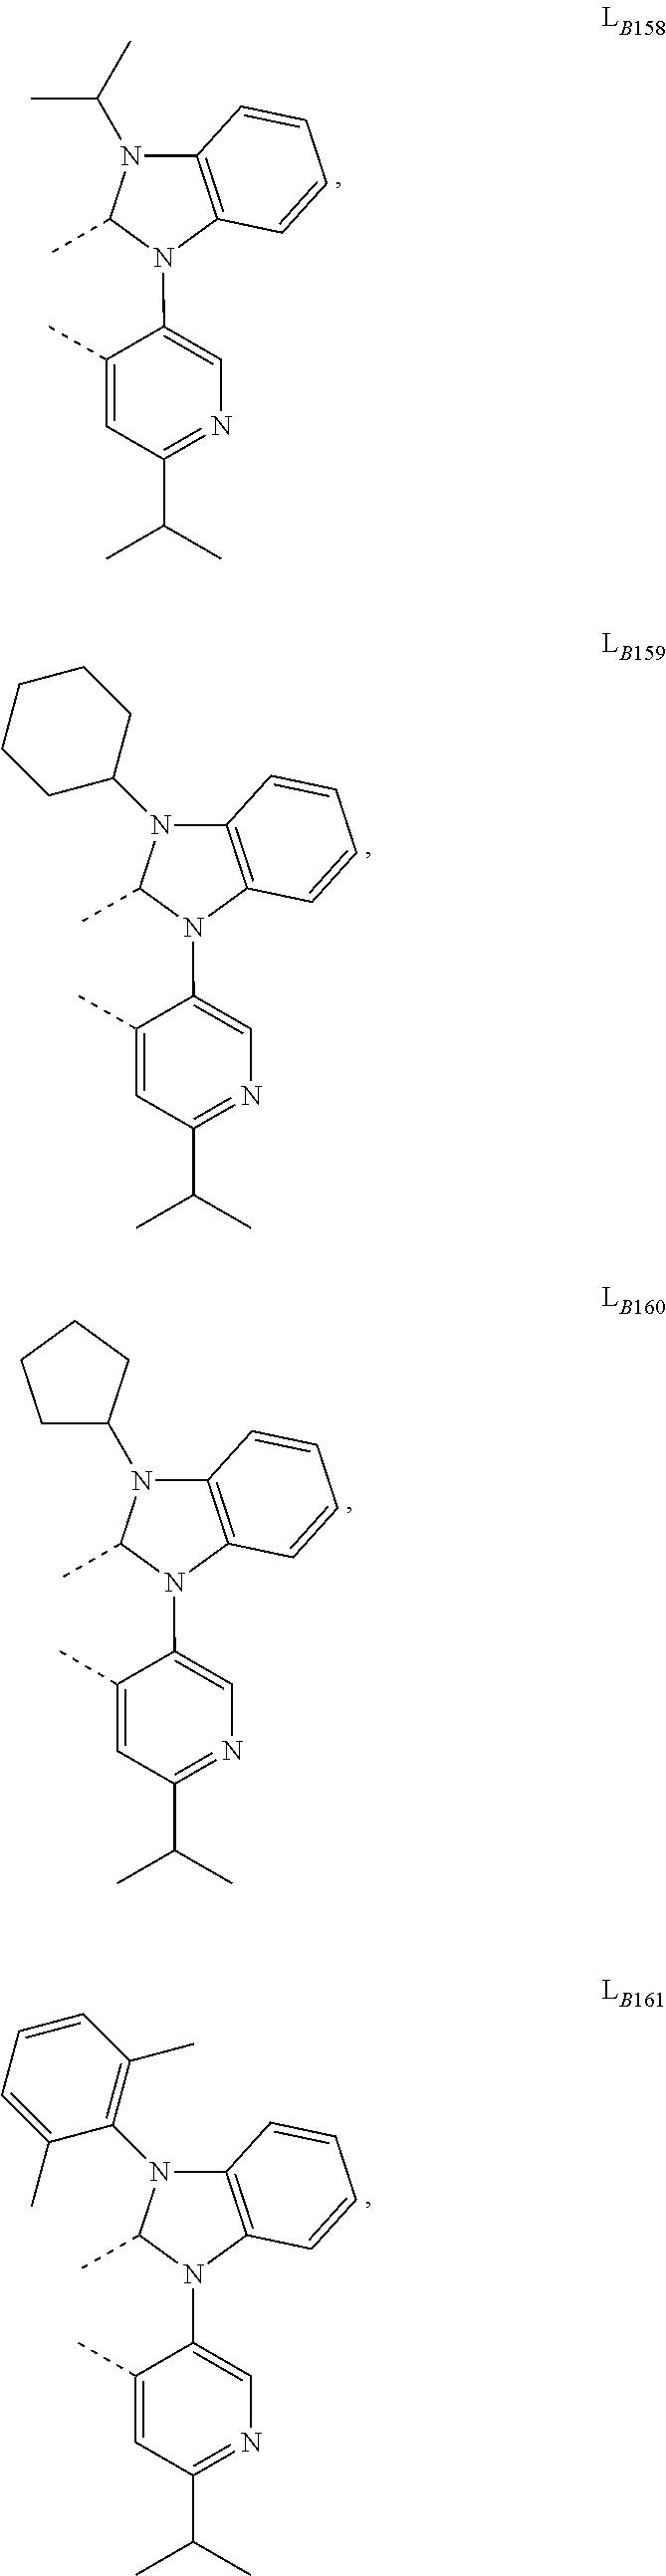 Figure US09905785-20180227-C00139